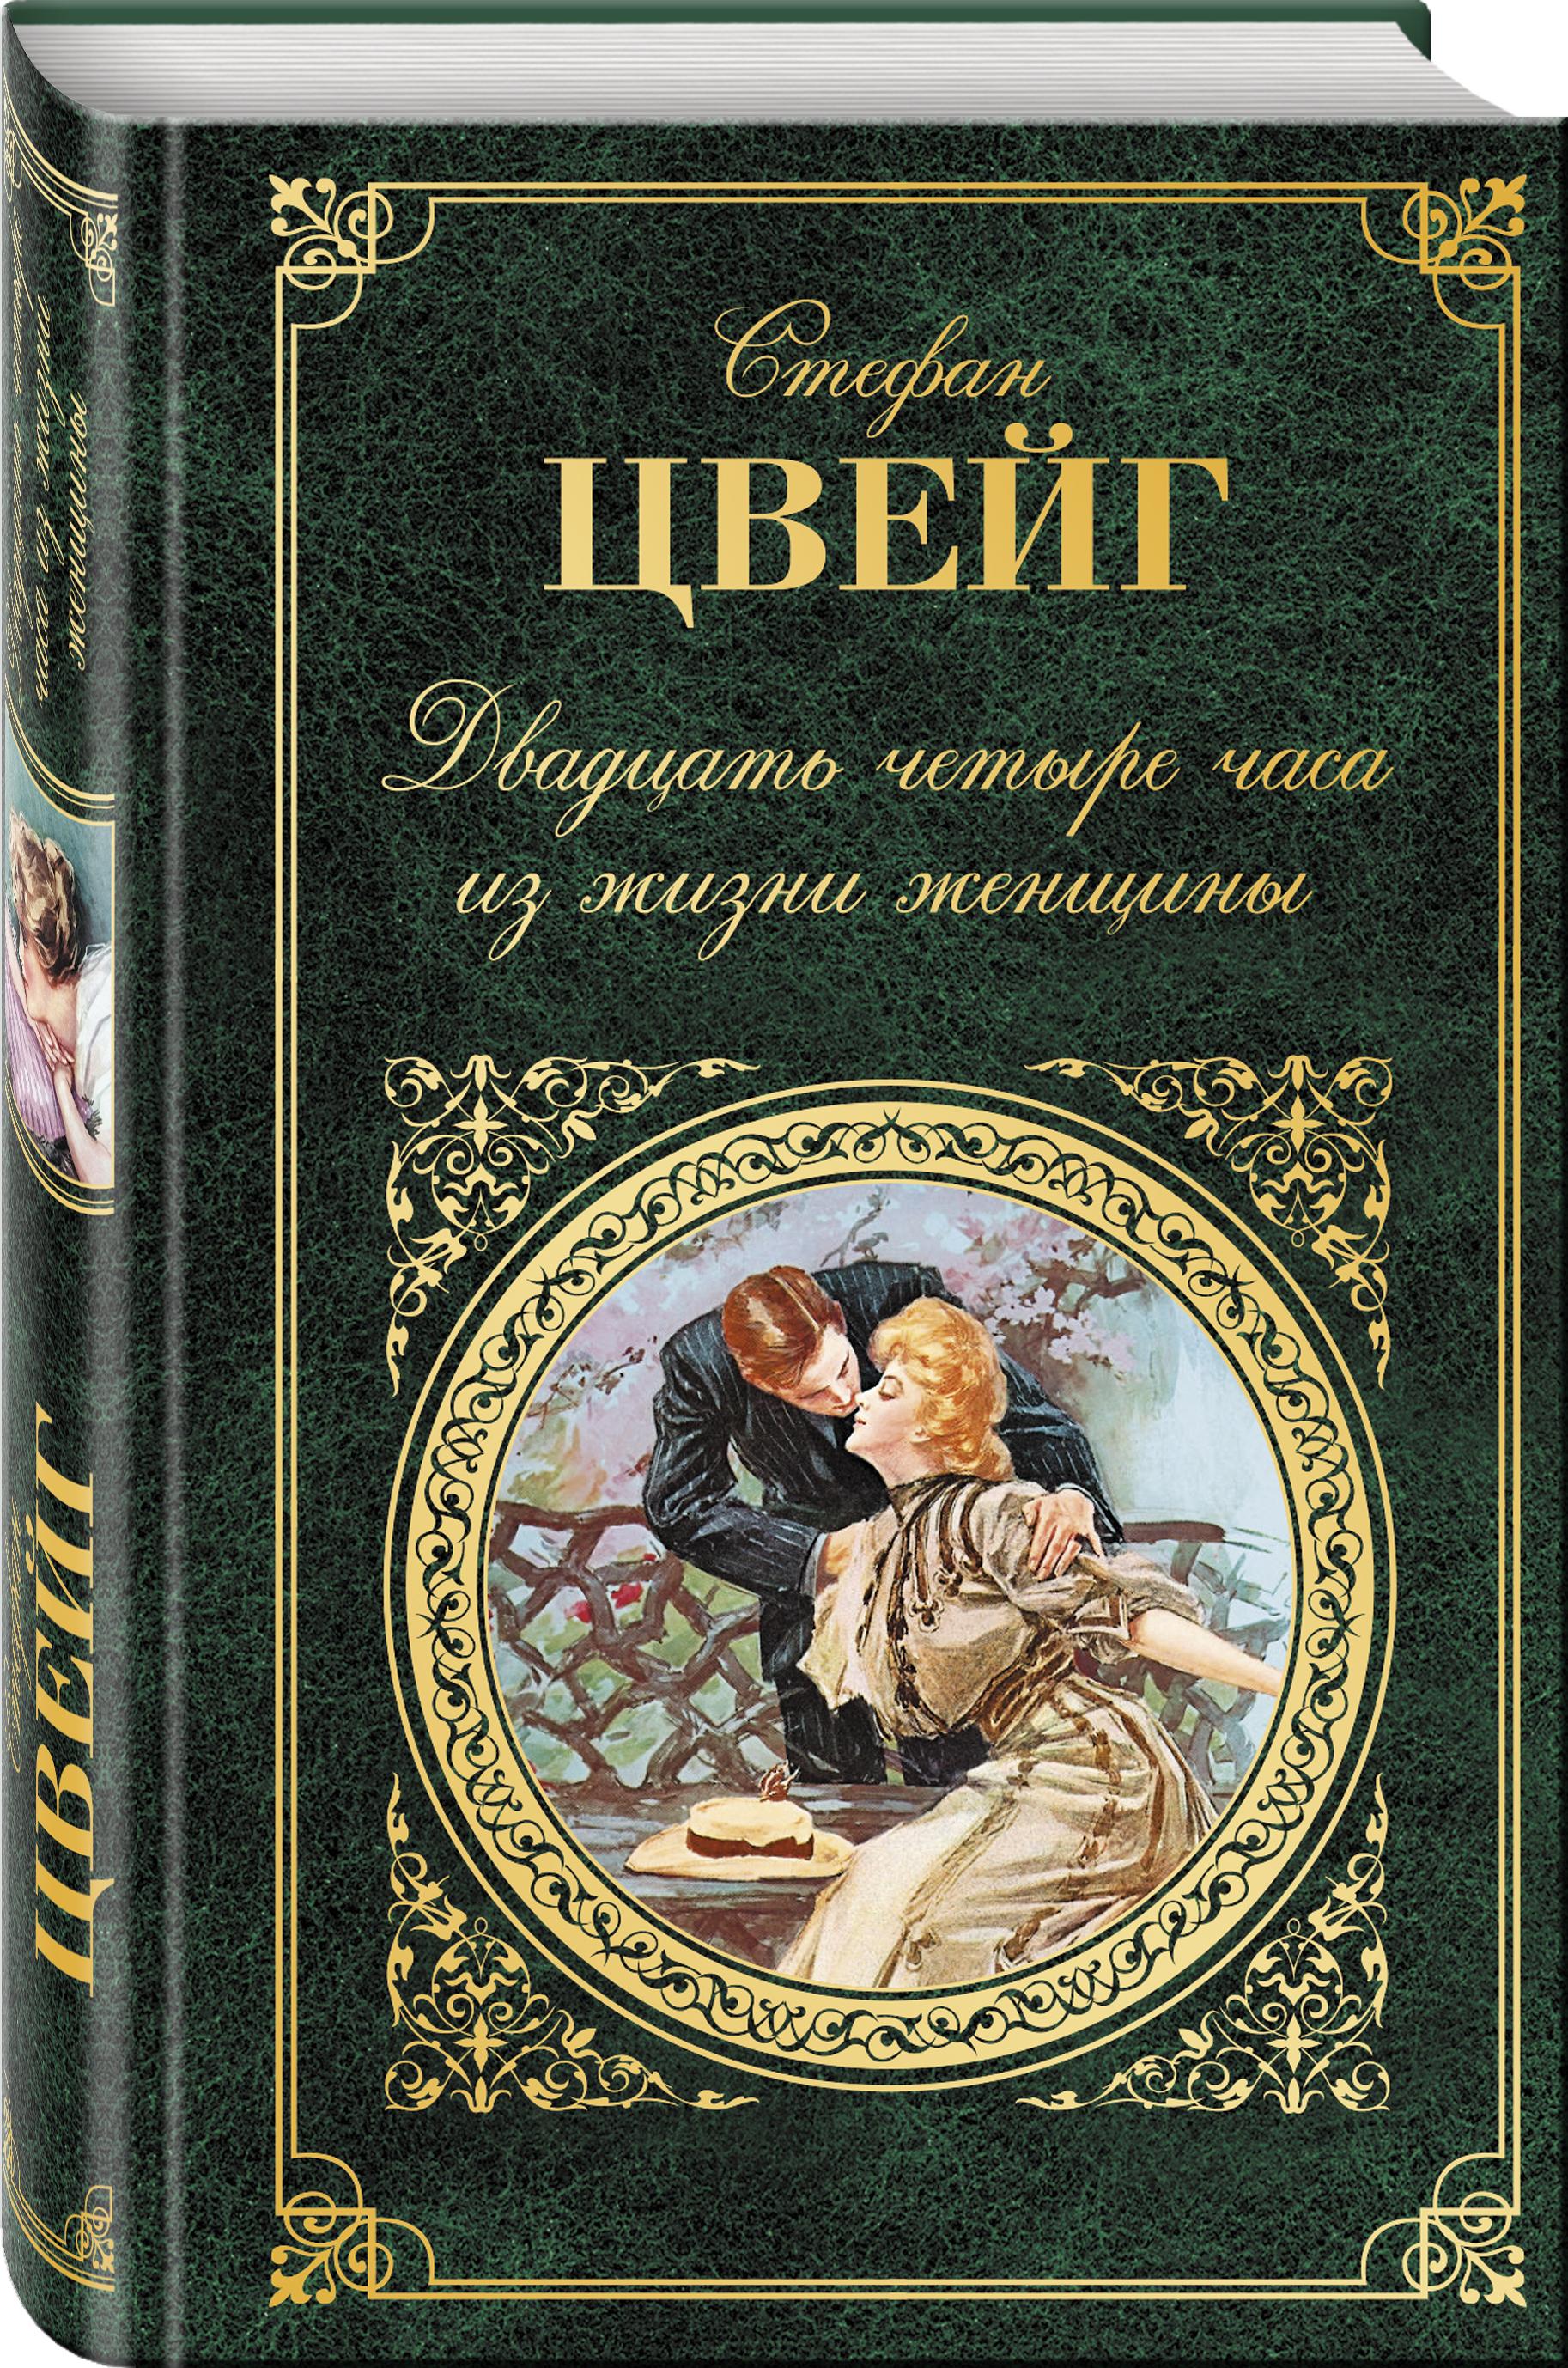 Стефан Цвейг Двадцать четыре часа из жизни женщины цвейг стефан стефан цвейг новеллы